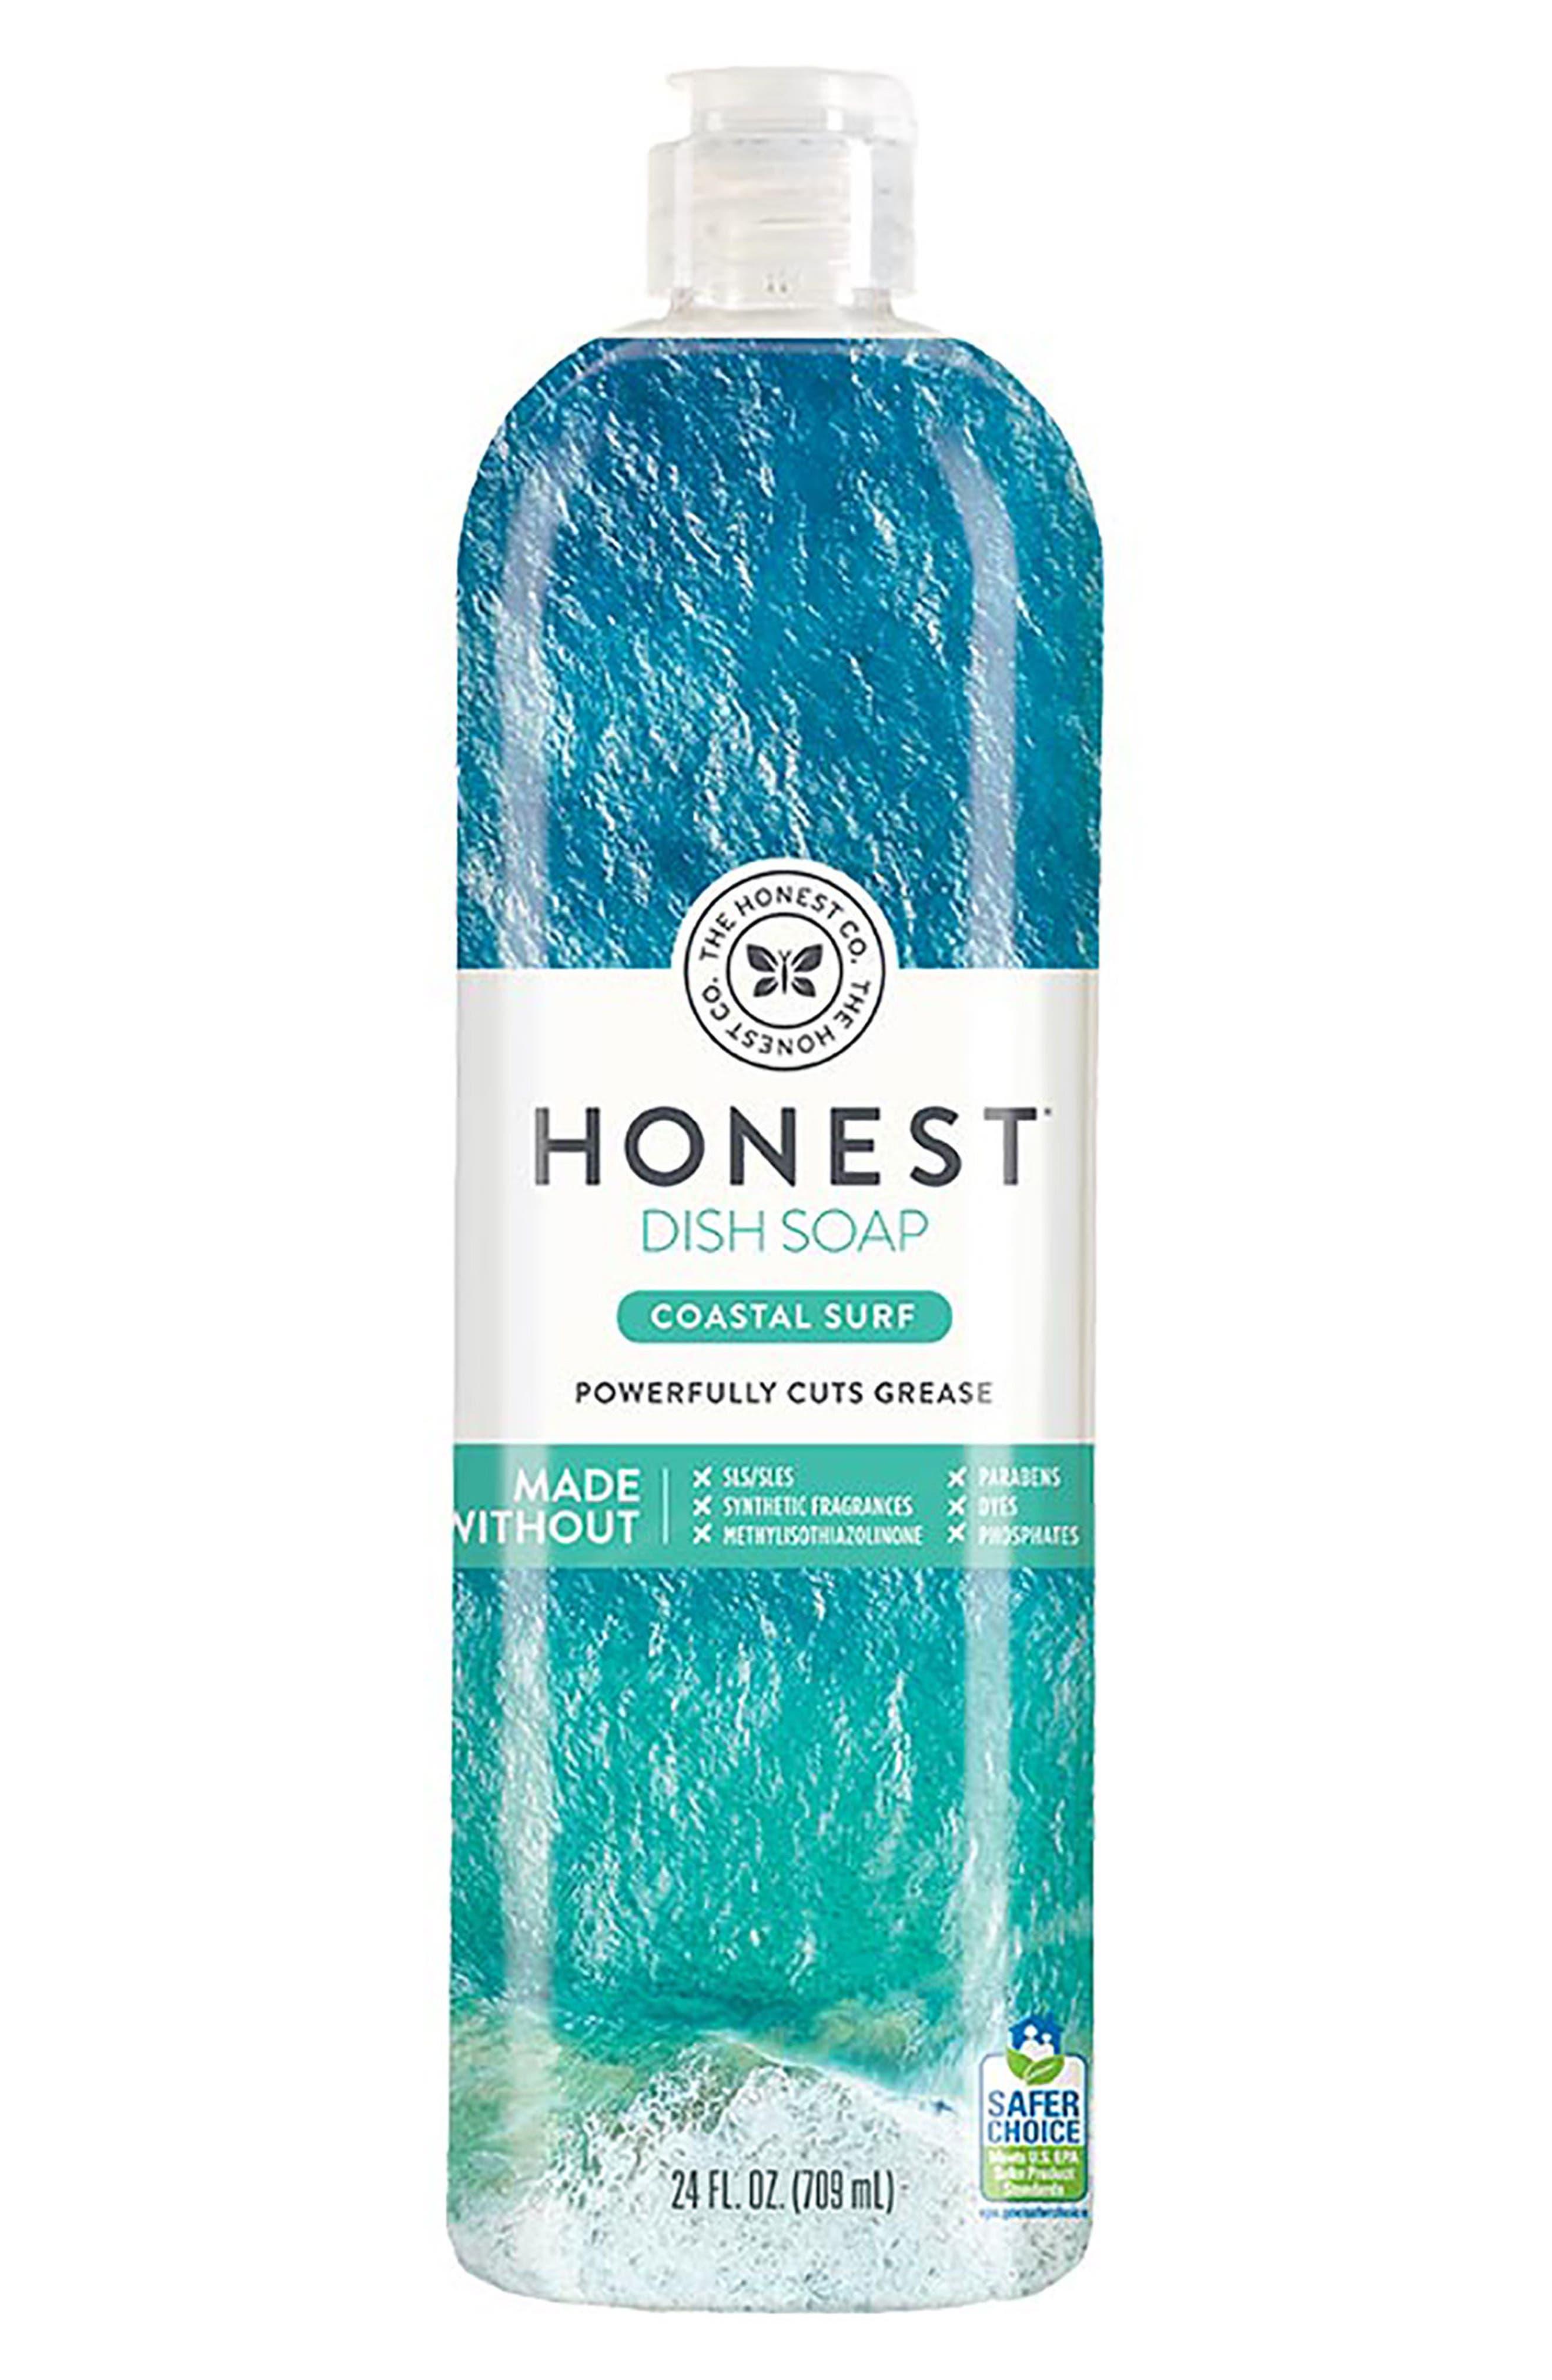 The Honest Company Coastal Surf Dish Soap